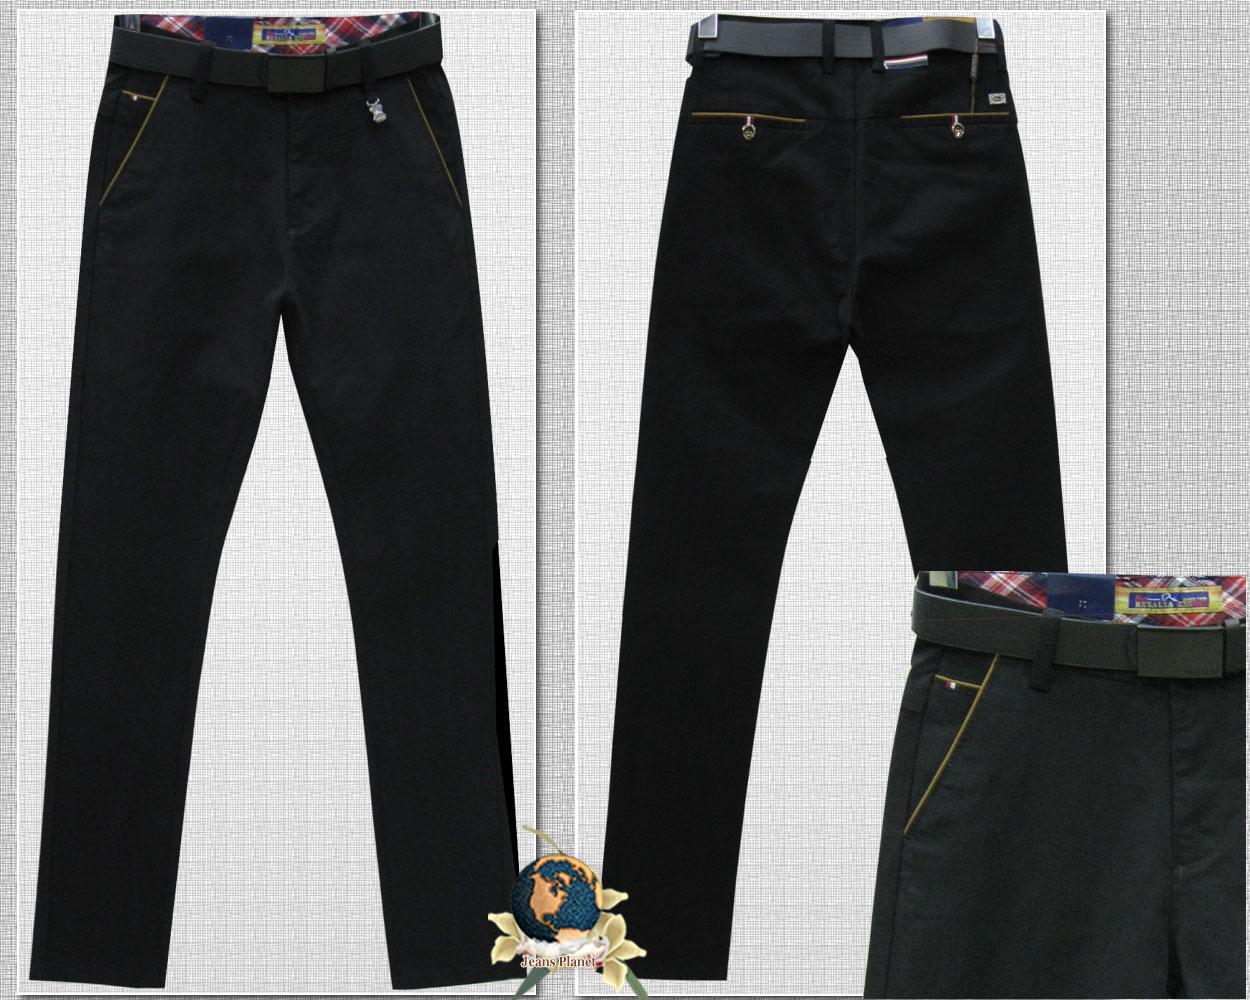 Чоловічі чорні штани під джинси з ременем Resalsa